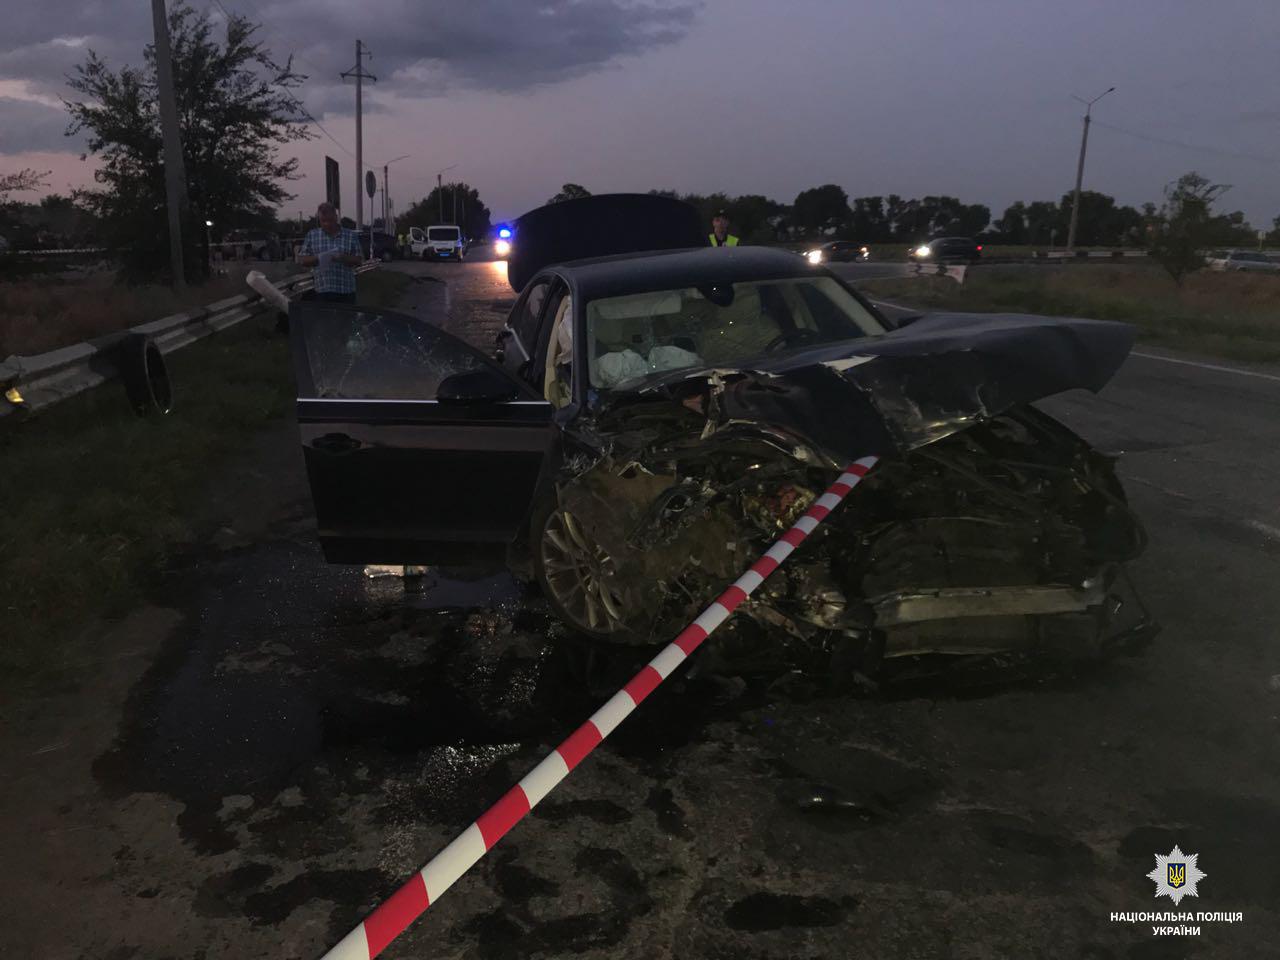 Под Днепром автобус столкнулся с авто: есть погибшие - фото